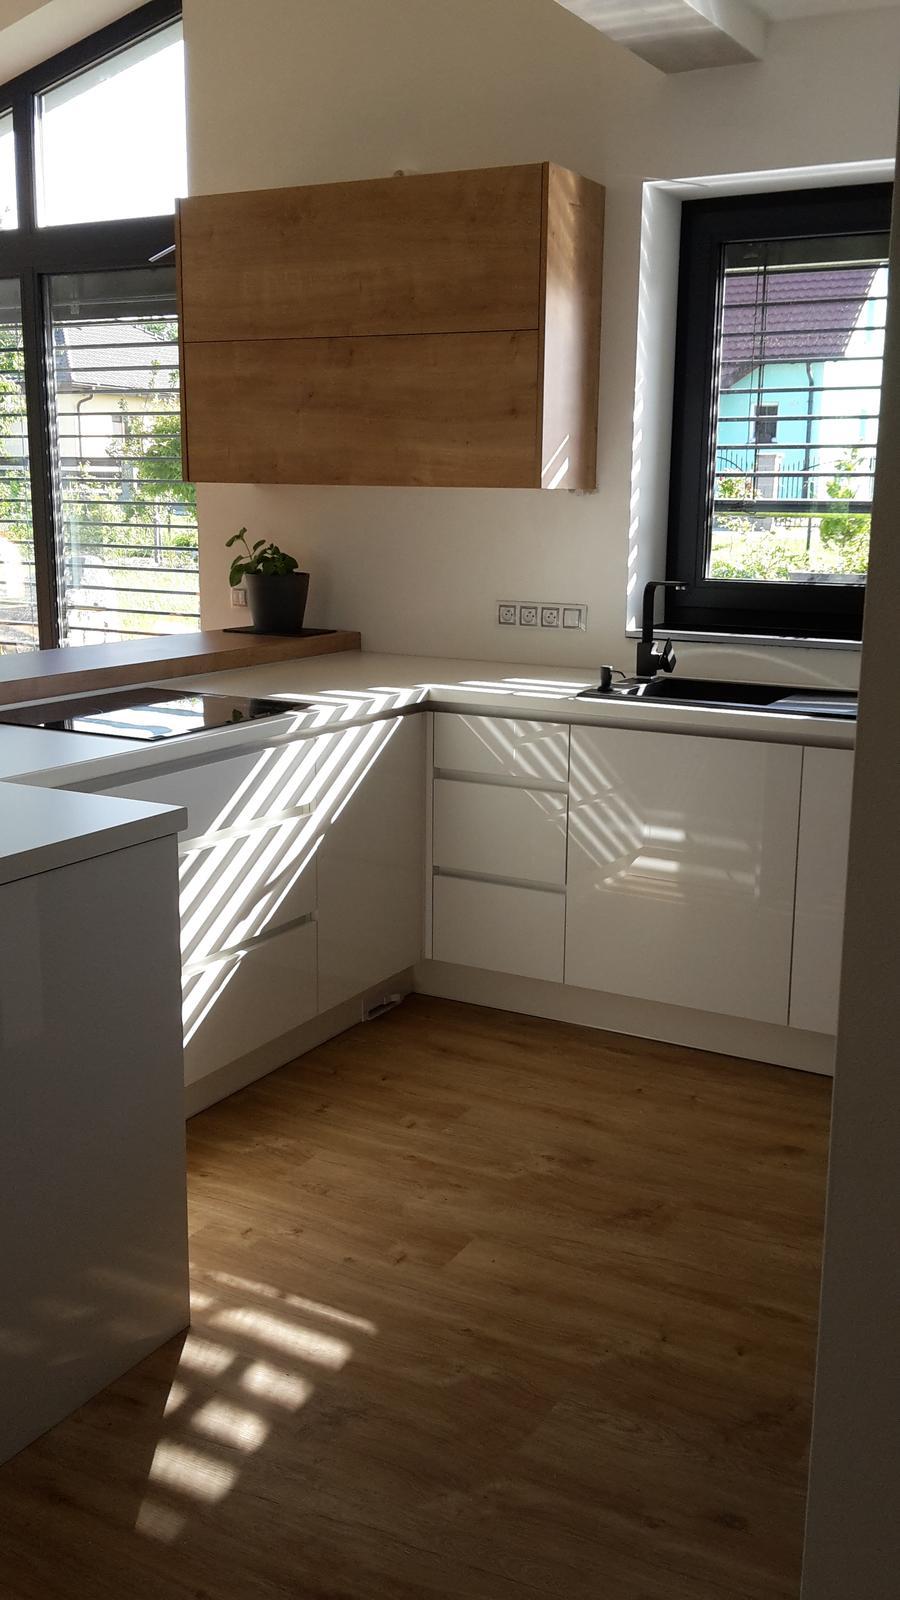 Domeček - Ještě jednou kuchyně, tentokrát  z druhé strany ☺